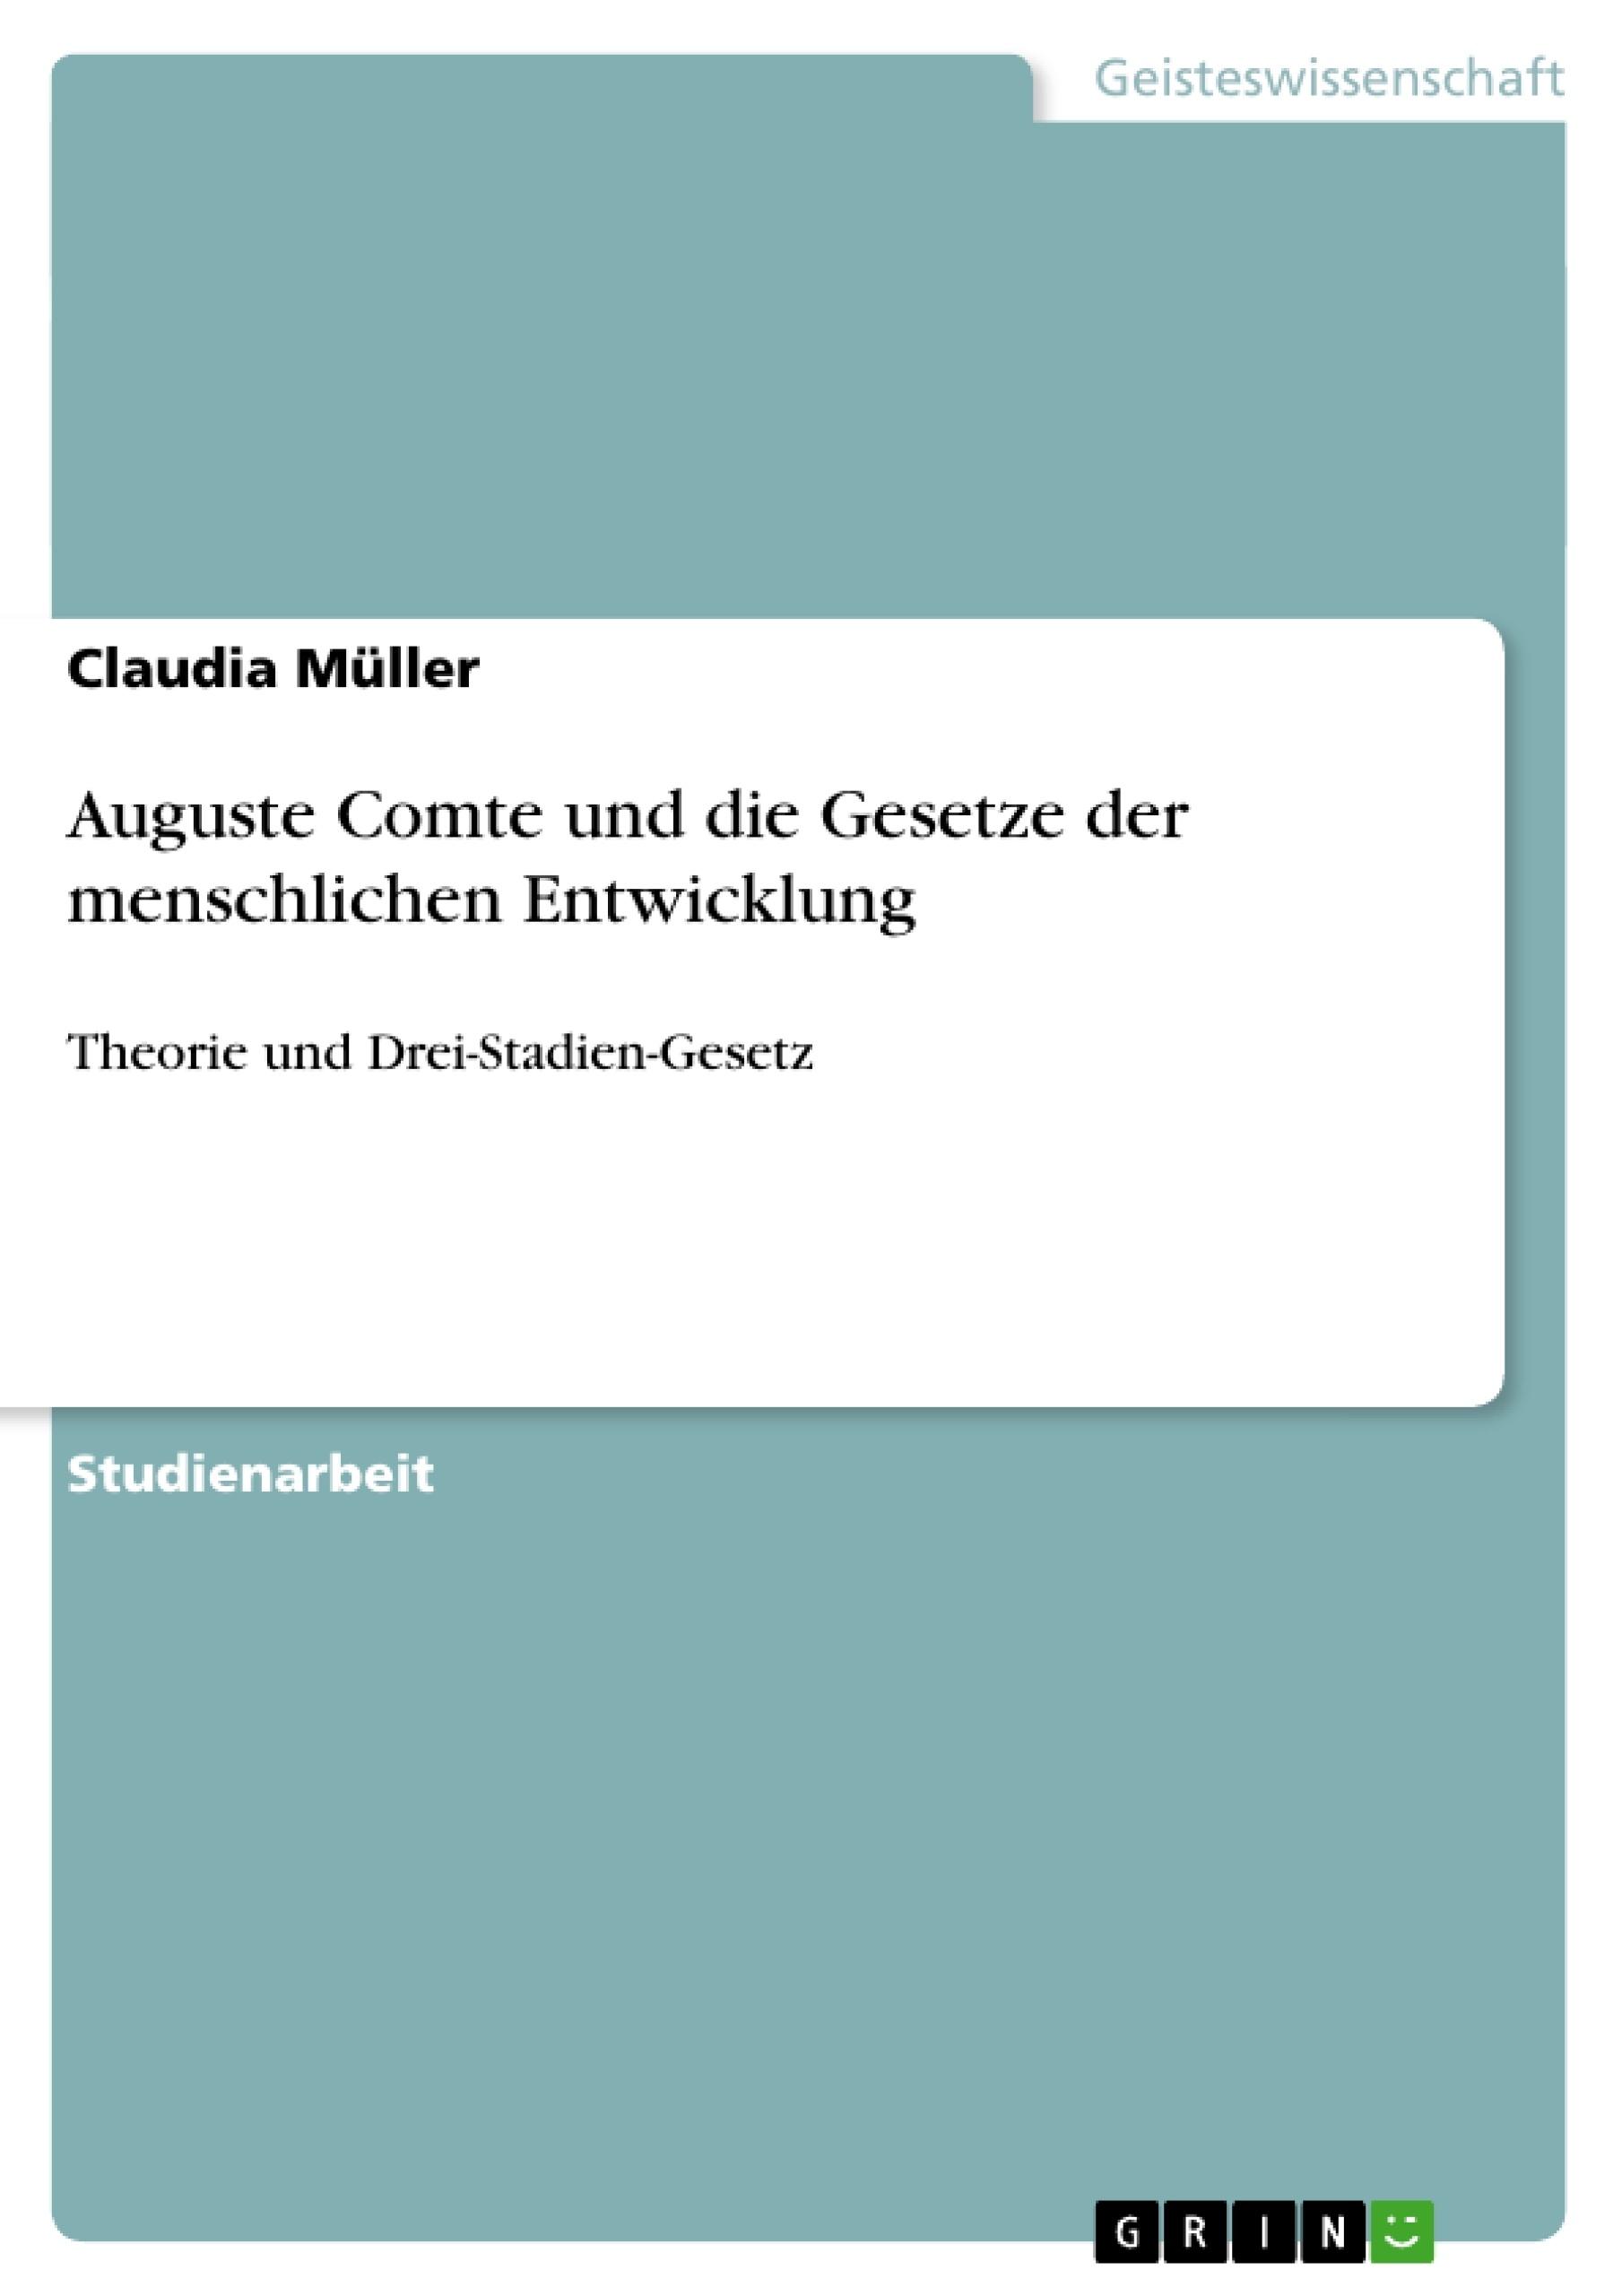 Titel: Auguste Comte und die Gesetze der menschlichen Entwicklung